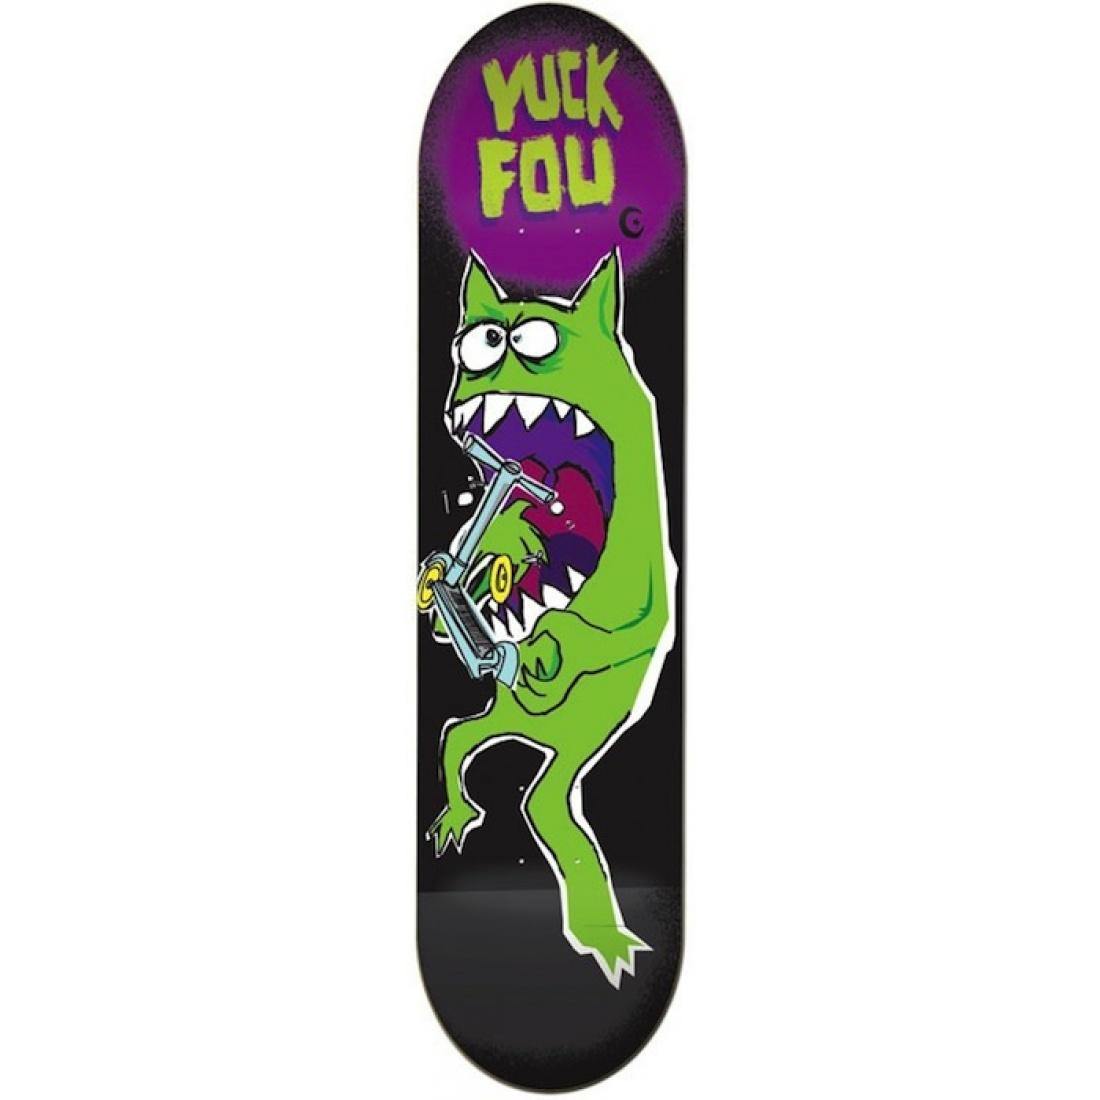 FS-Yuck Fou Chomp 7.8 Deck